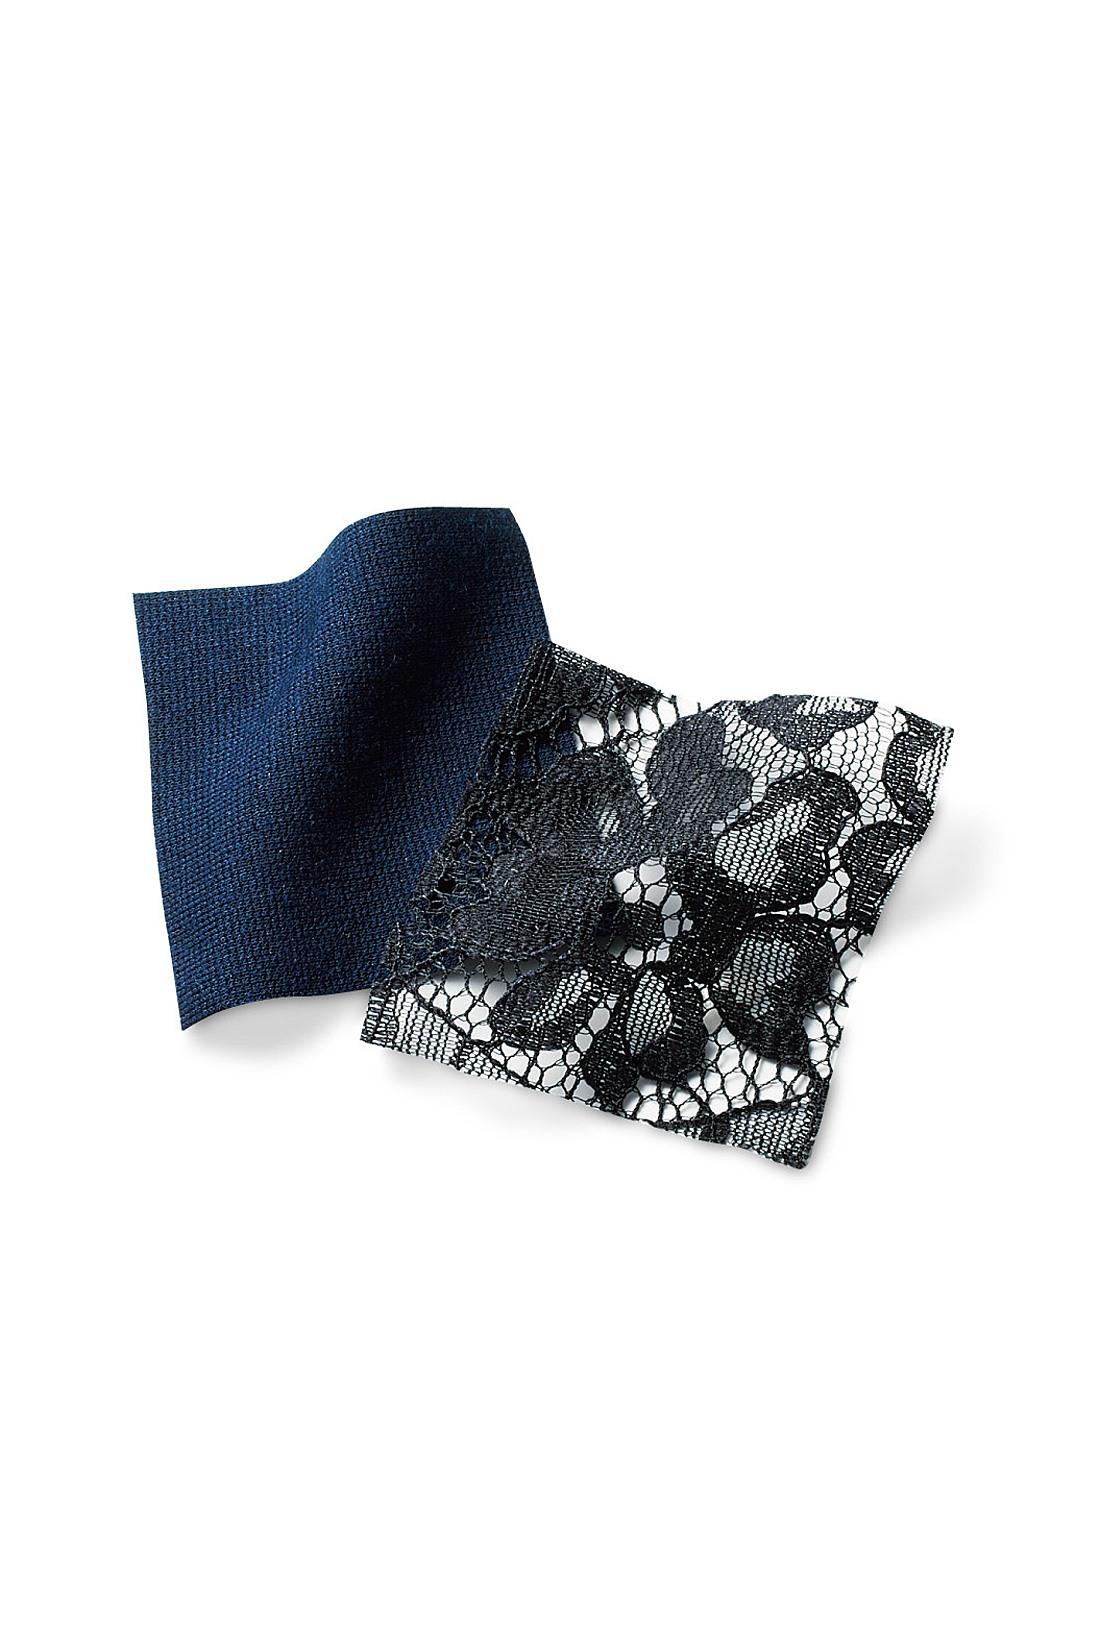 きれいで華やかなレースと、ほどよい厚みと張りが特徴のシルケットポンチカットソー素材。